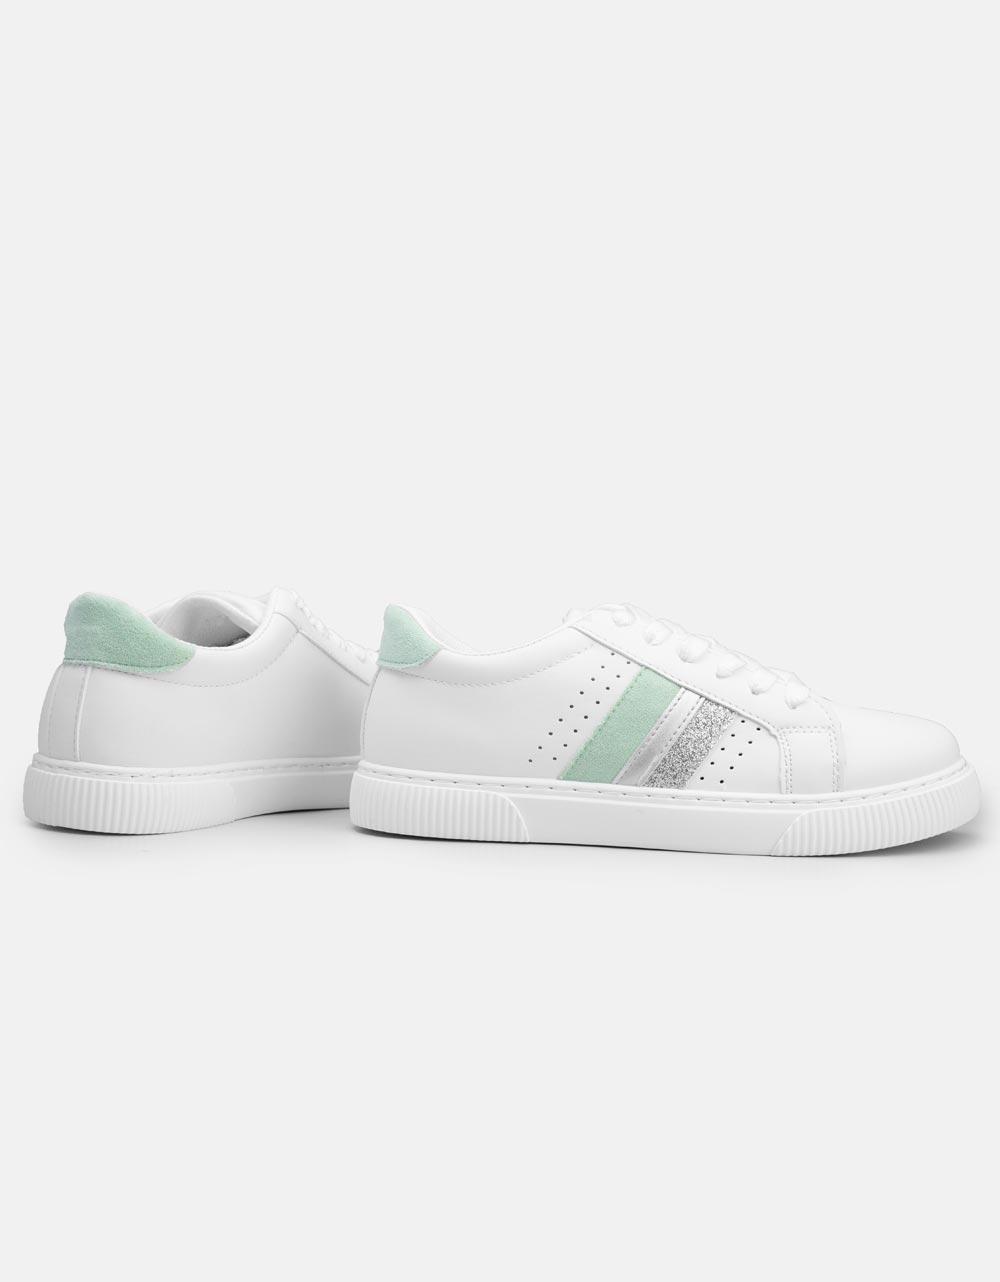 Εικόνα από Γυναικεία sneakers basic με ρίγες στο πλαινό μέρος Λευκό/Πράσινο